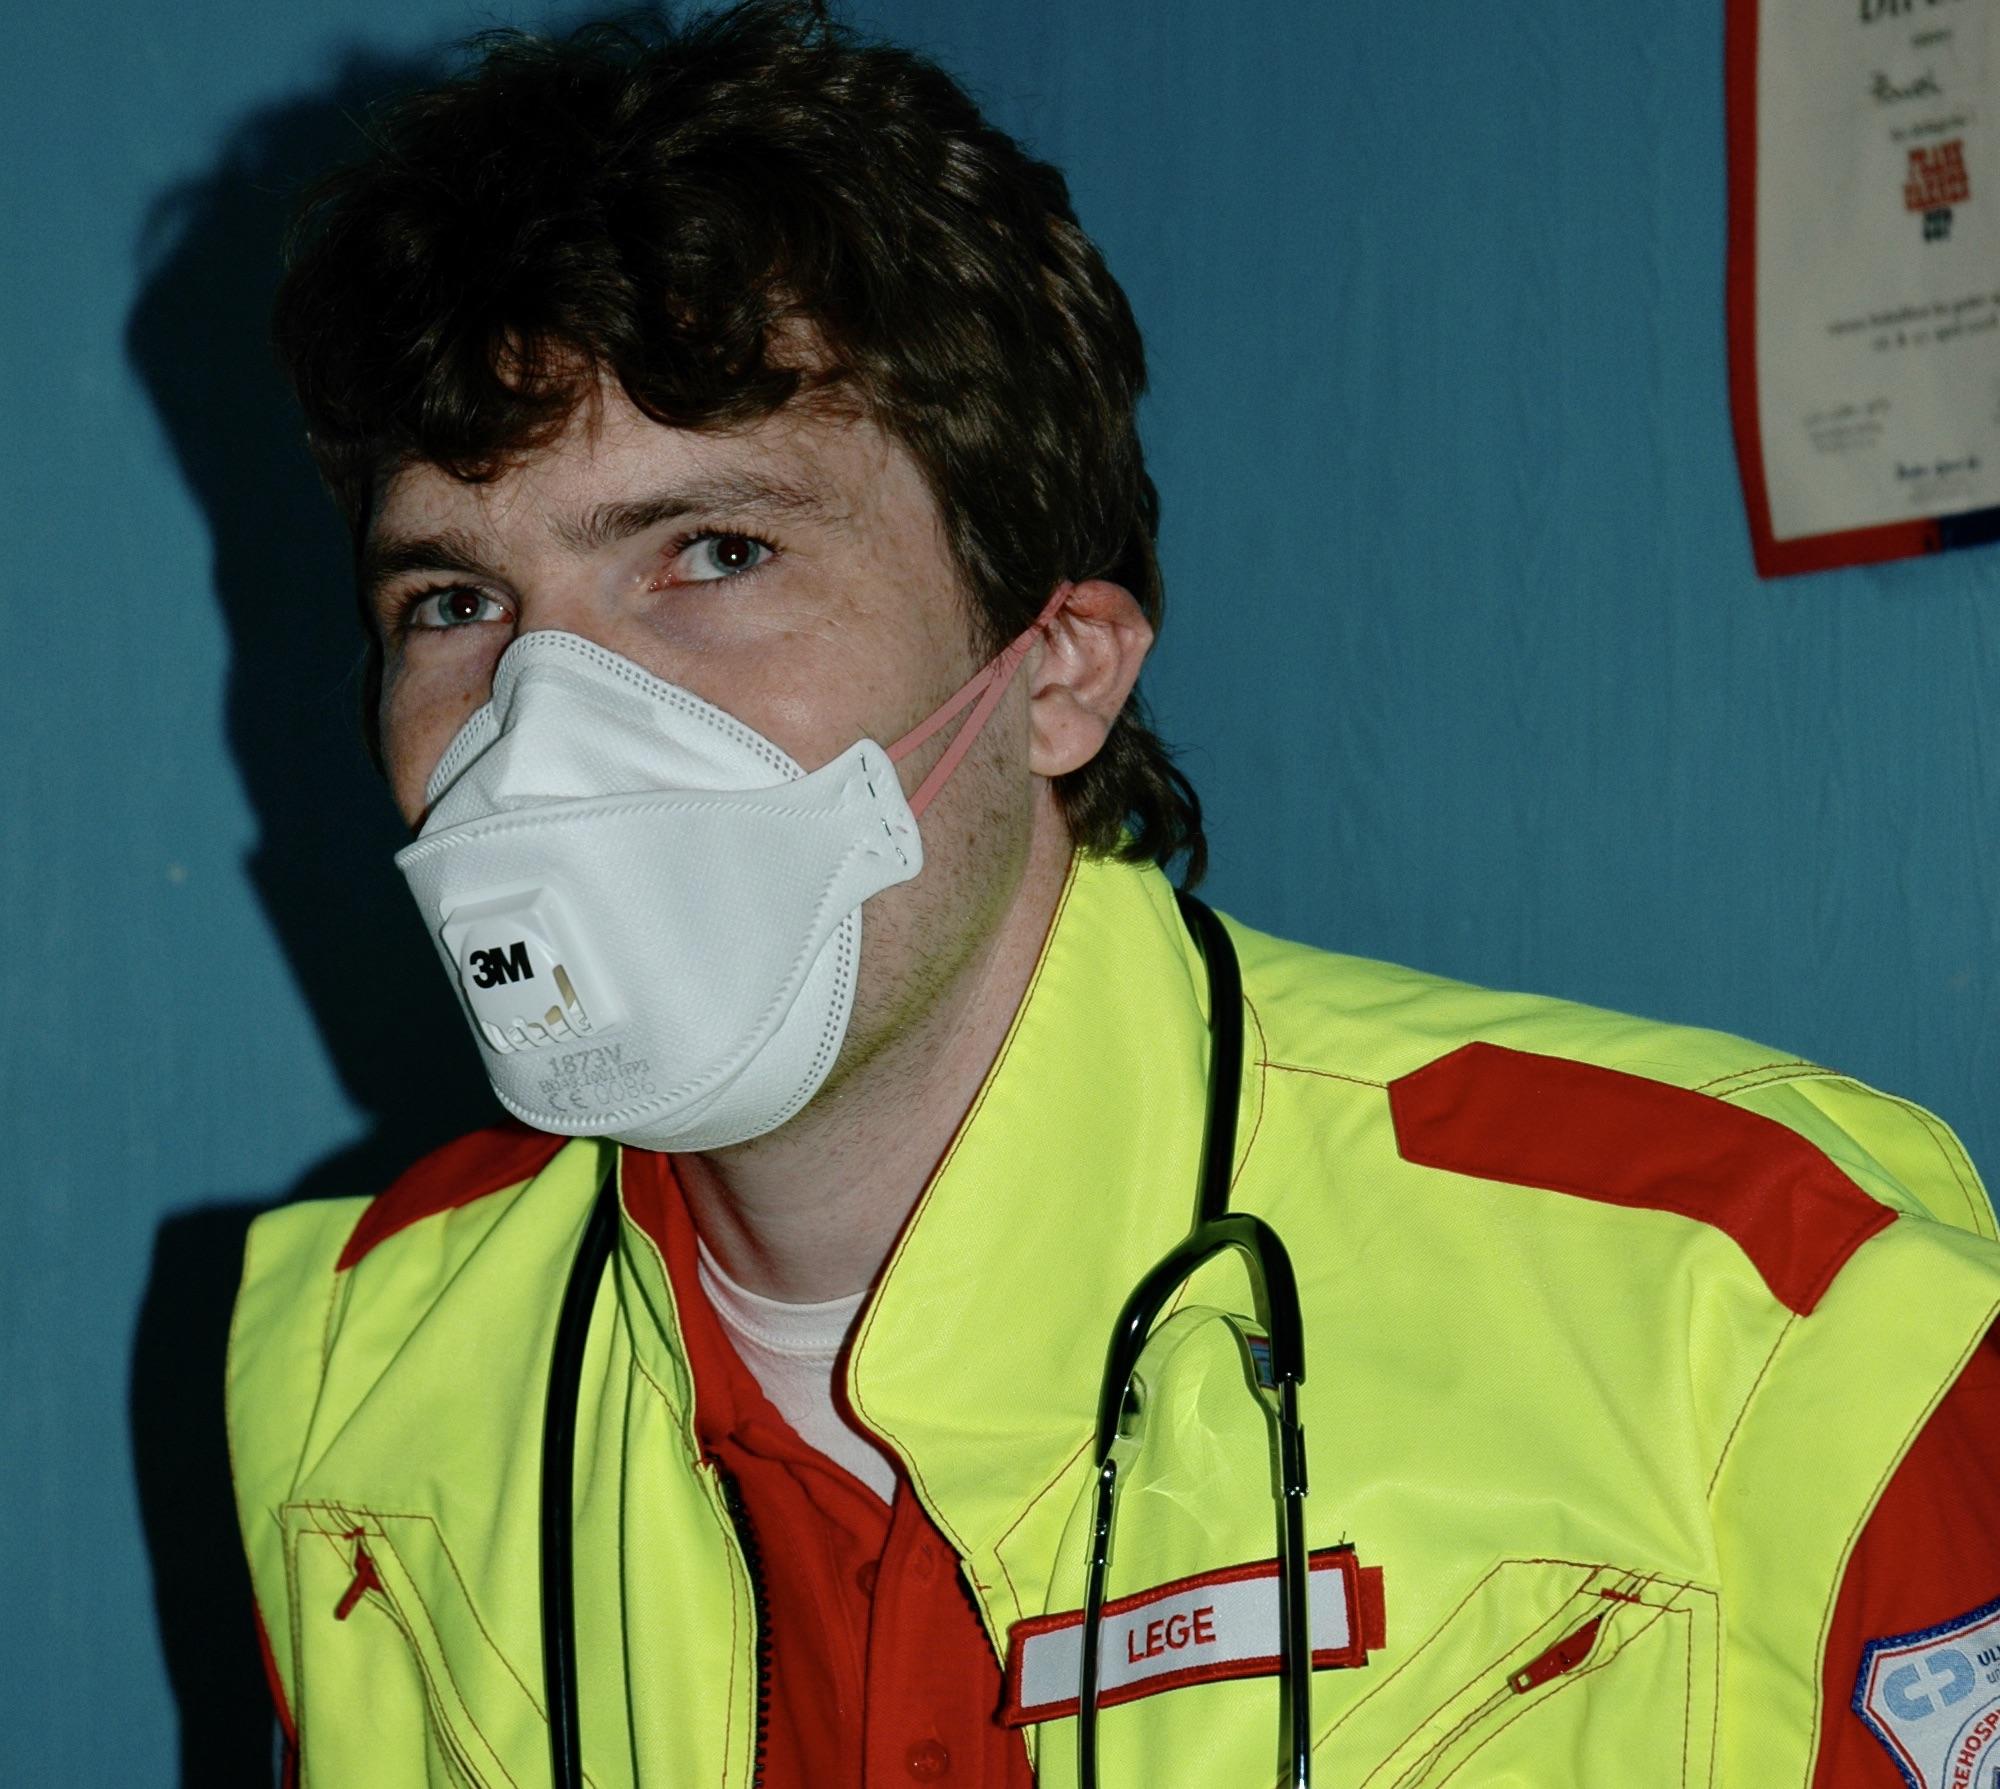 I 2009 hospiterte Ambulanseforum på 9-bilen i Oslo under svineinfluensa-epidemien. Vi fikk et oppdrag med en potensiell smittet, og legen var litt usikker på hva som var påkrevd utstyr. Dette ble løsningen, samt hansker. Foto: Live Oftedahl